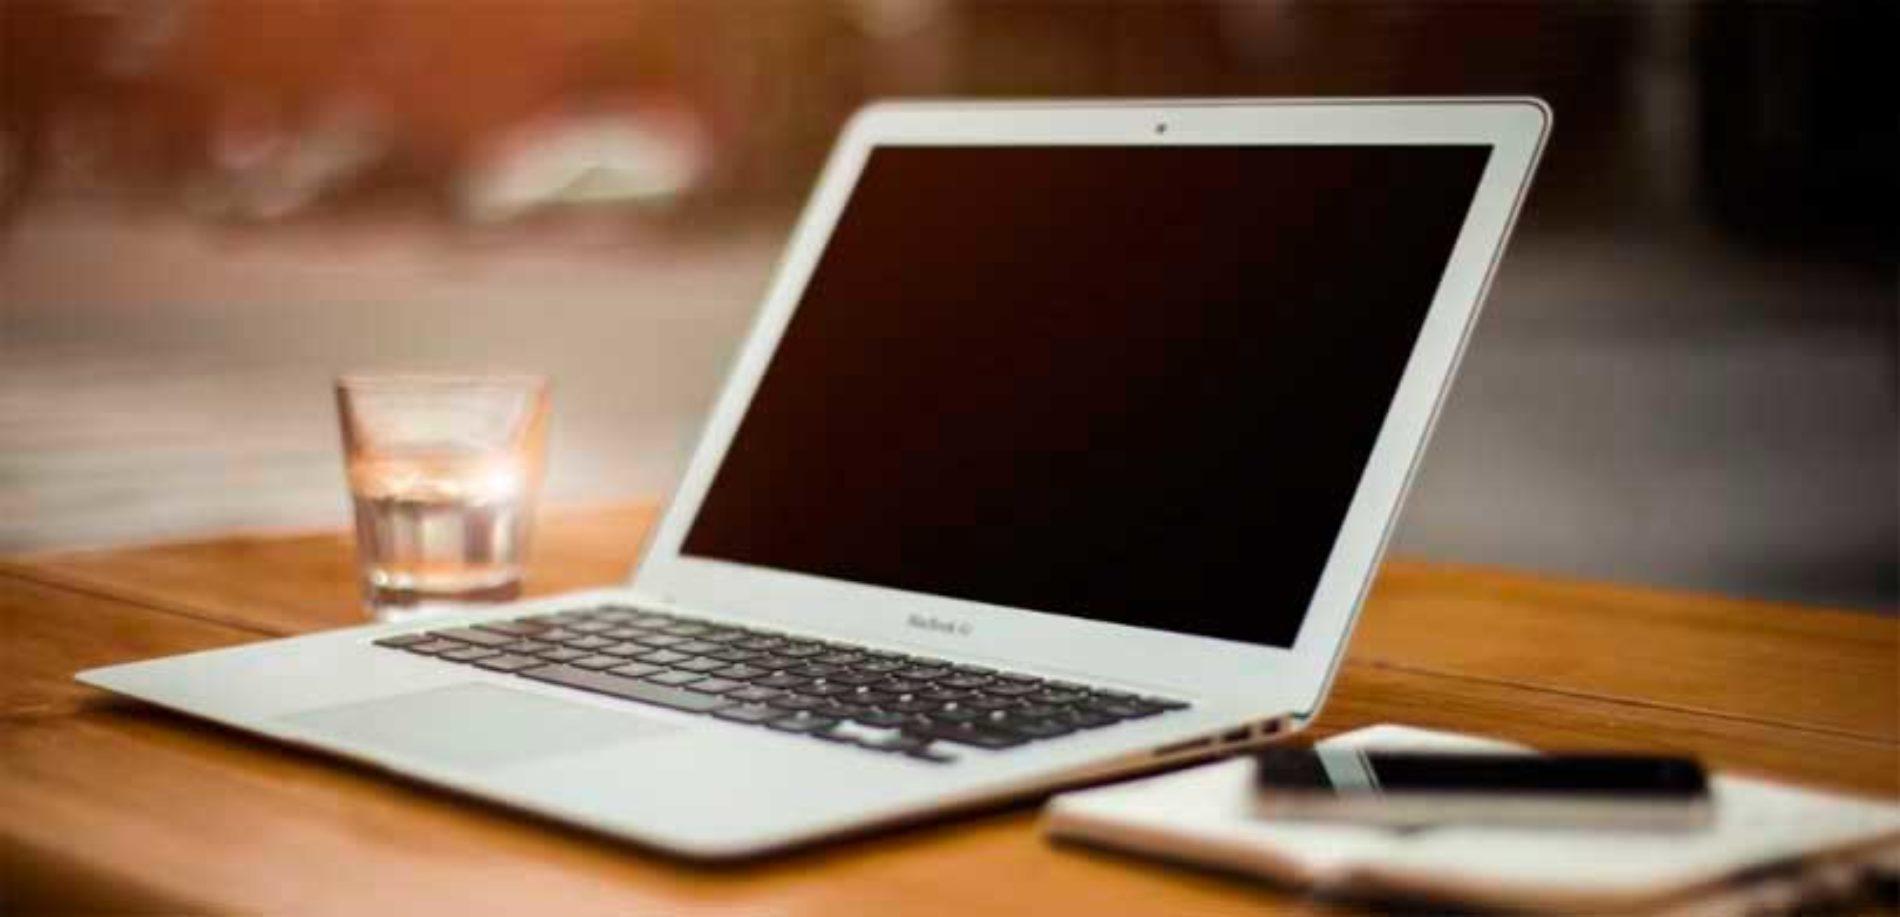 Hvordan starte en blogg og hvordan tjene penger på blogging?